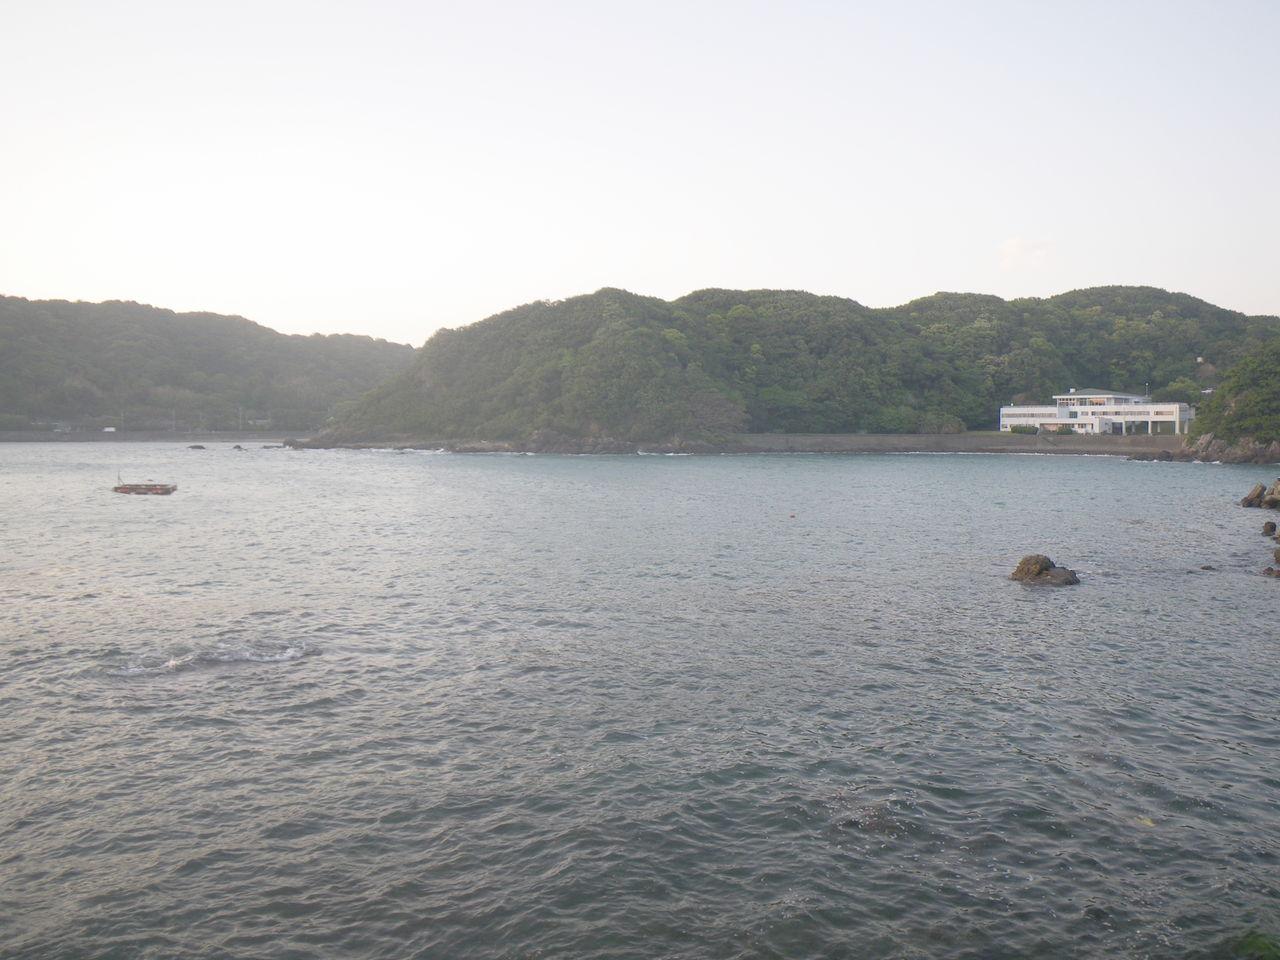 近畿釣行ぶらり旅(Kinki Region Fishing)  和歌山県日高郡日高町津久野(津久野漁港)コメント